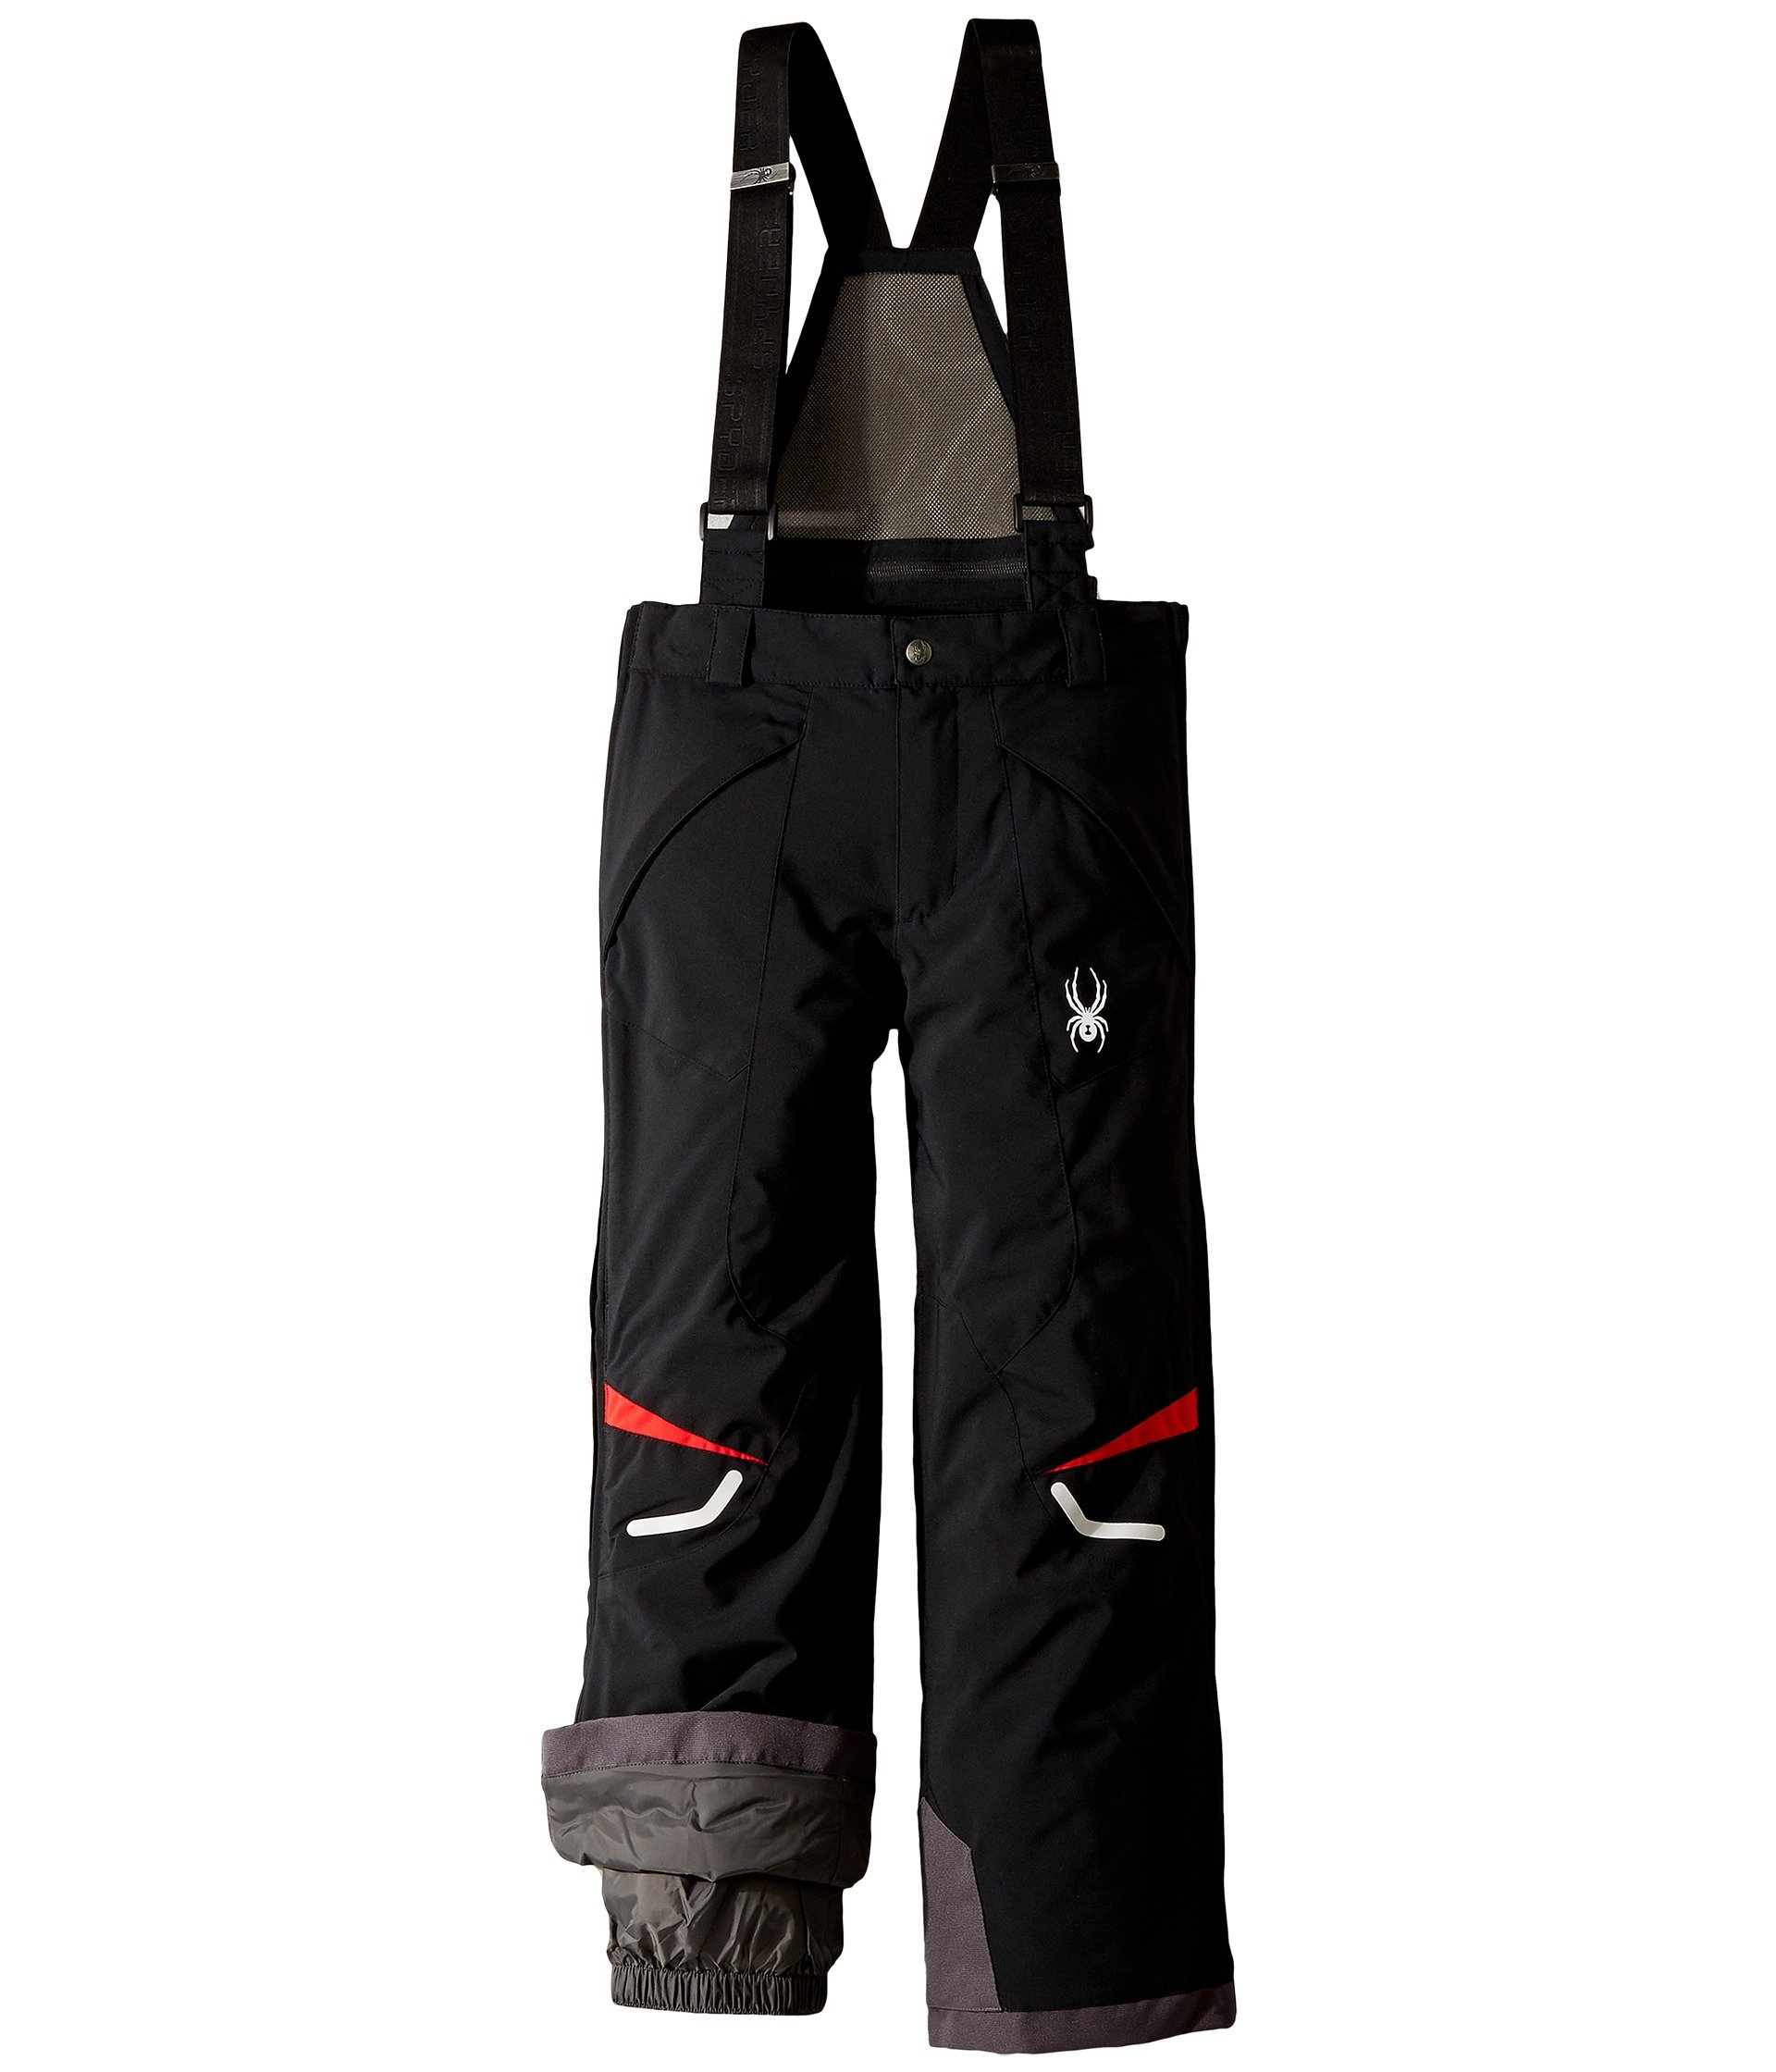 Spyder Kids Boy's Force Pants (Big Kids) Black/Red 16